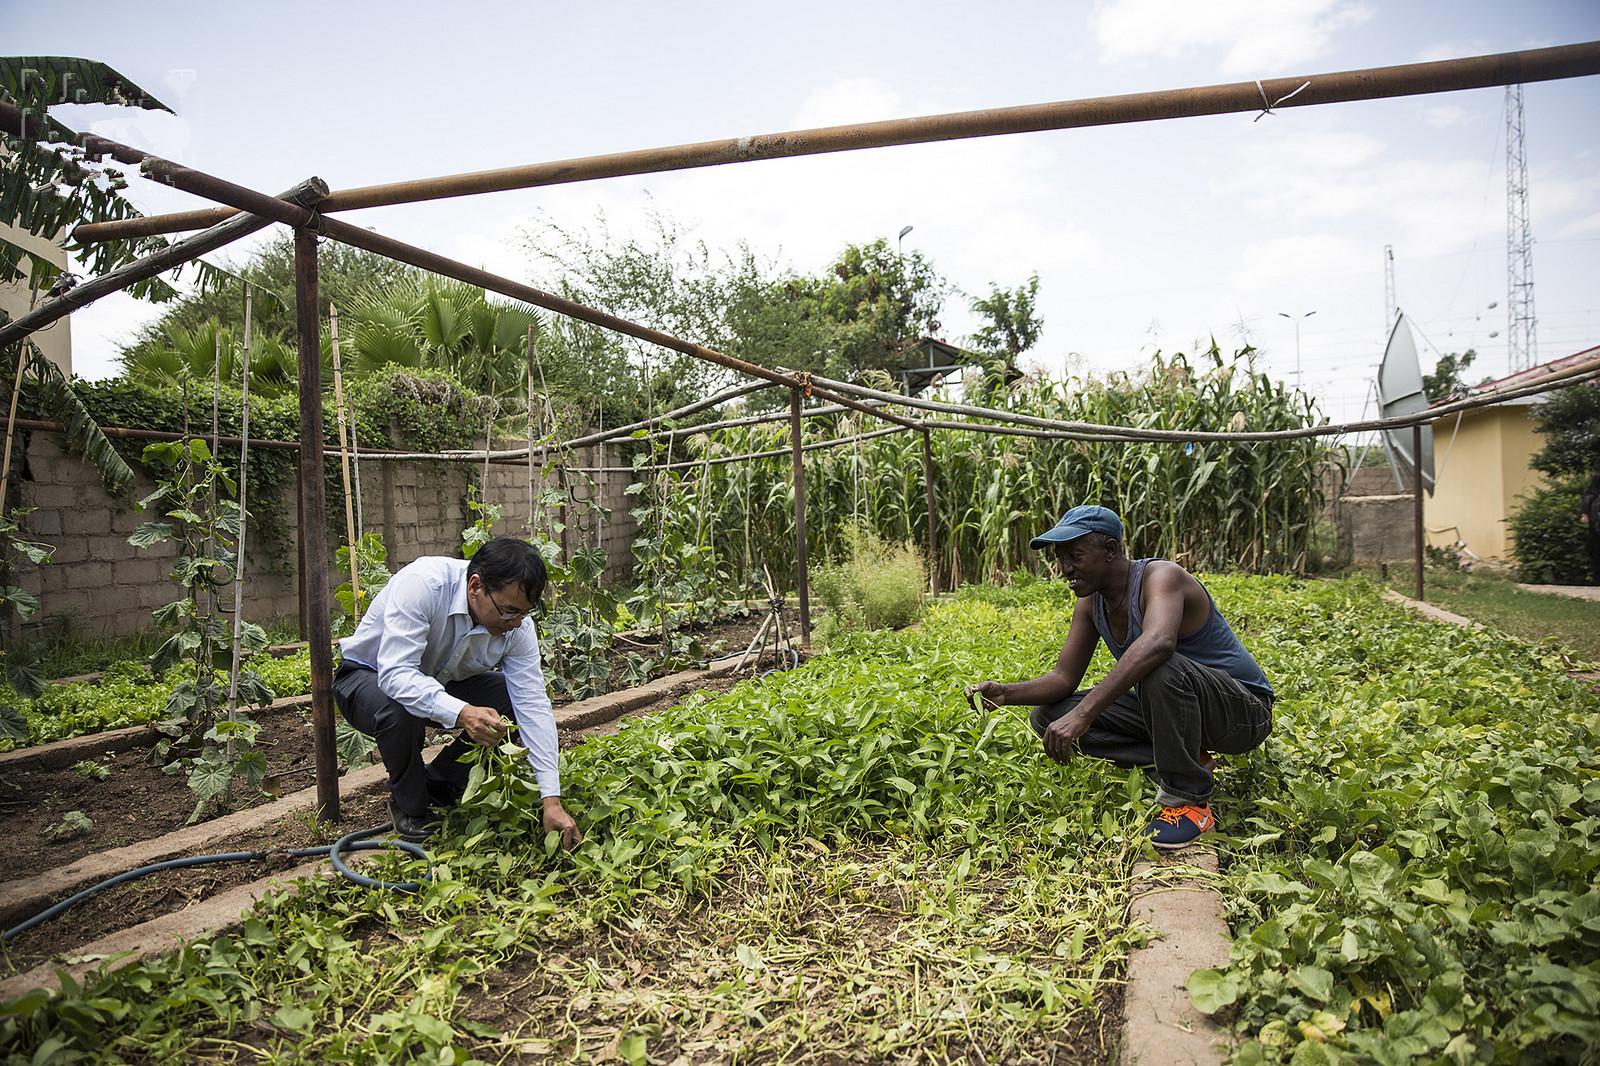 镜头下:大陆人在南非种的粮食大丰收,得到当地人的追捧